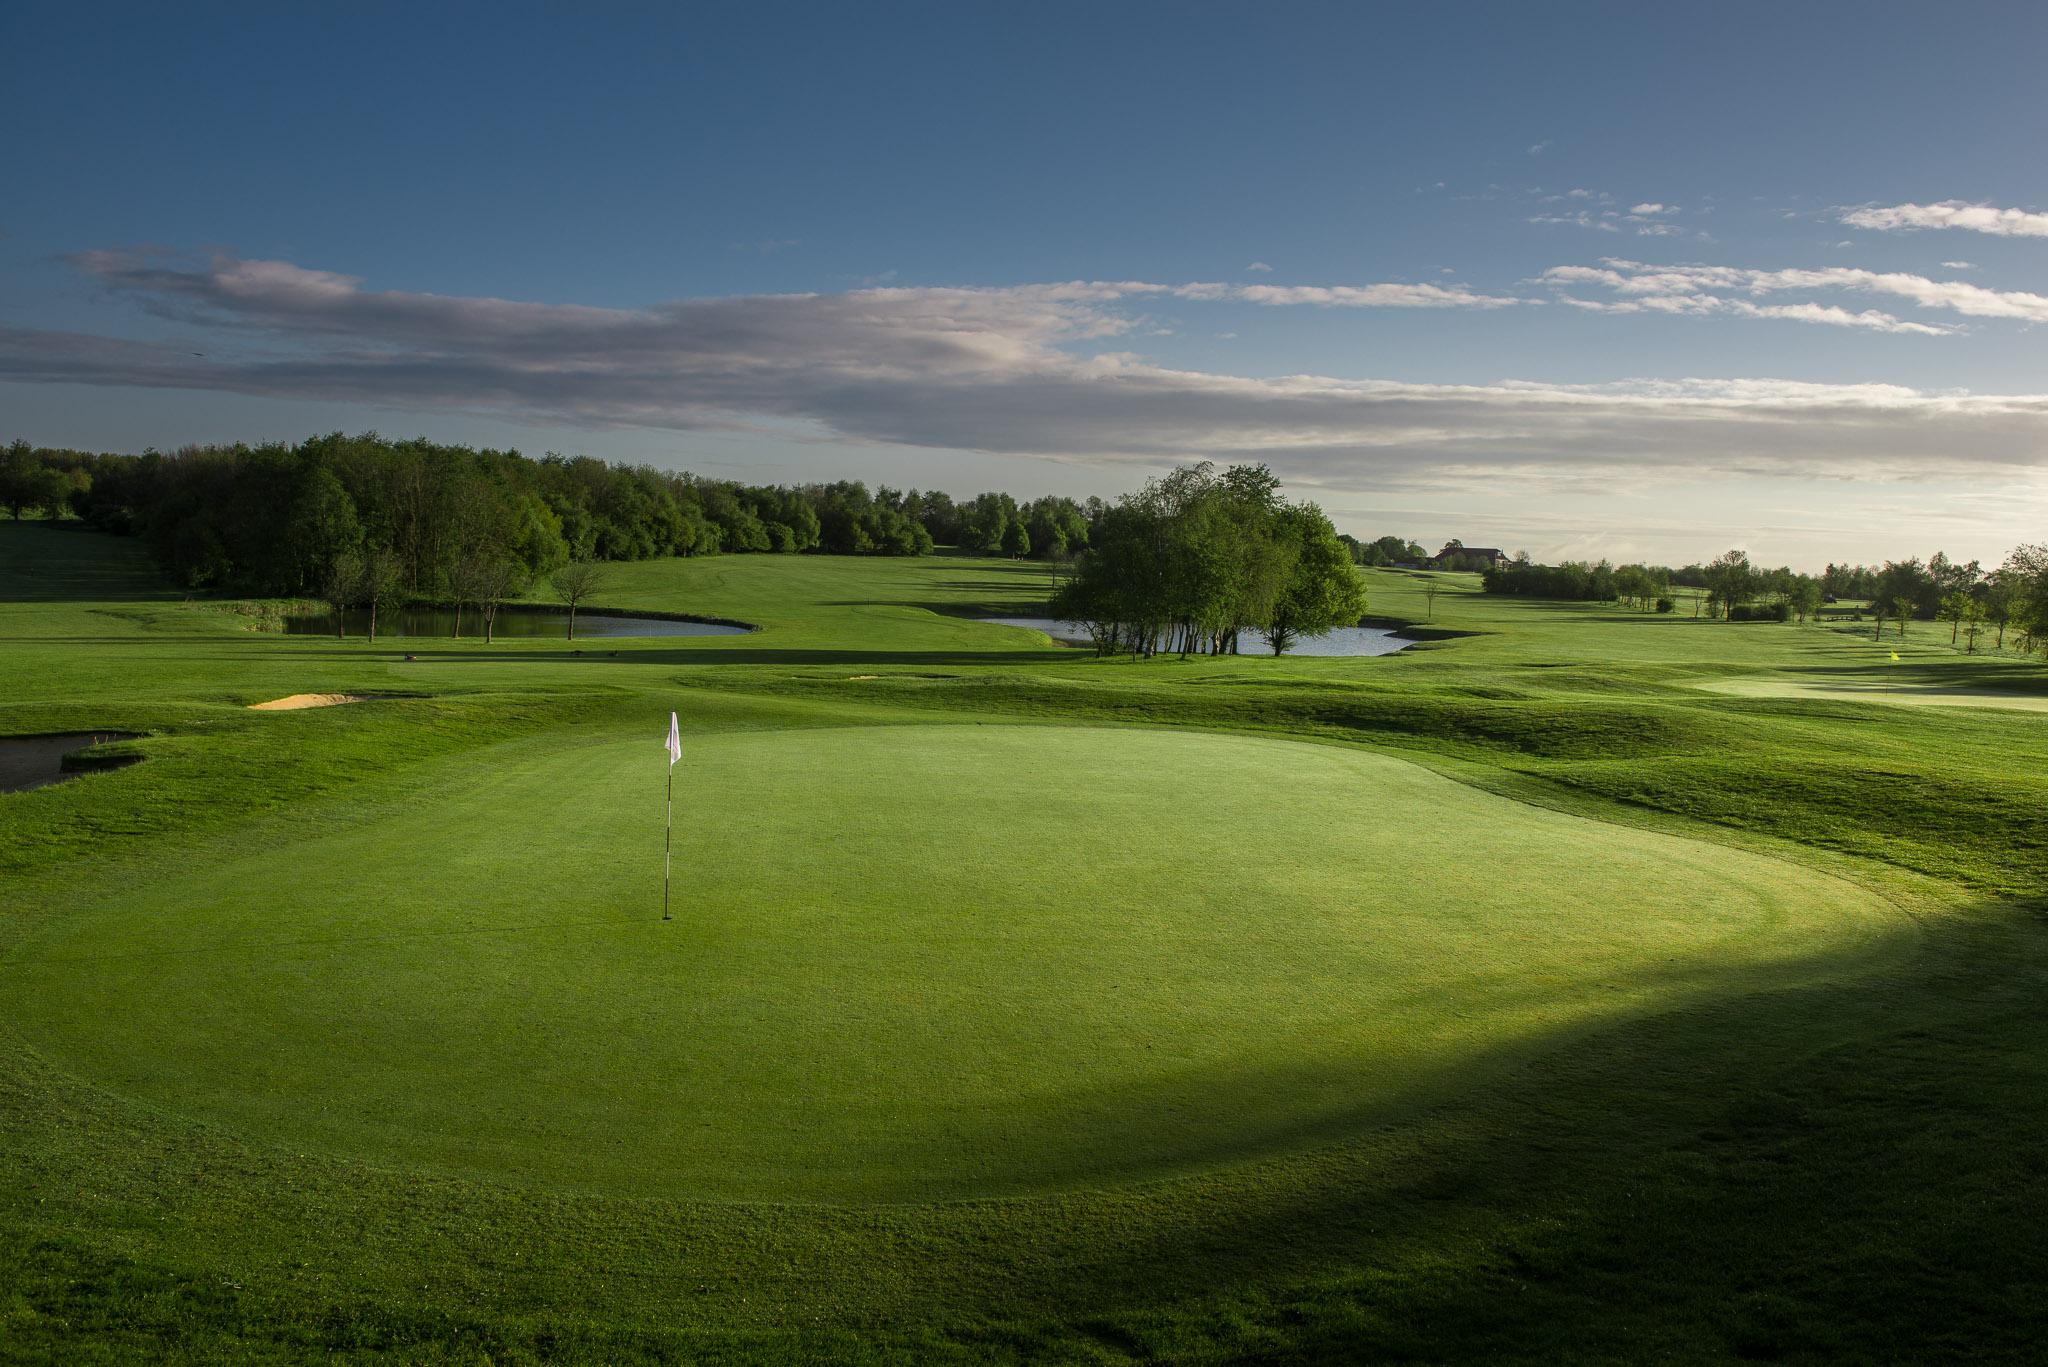 BGL_Thornbury_GolfCourse_AndyHiseman_72dpi_EmailWeb-30.jpg